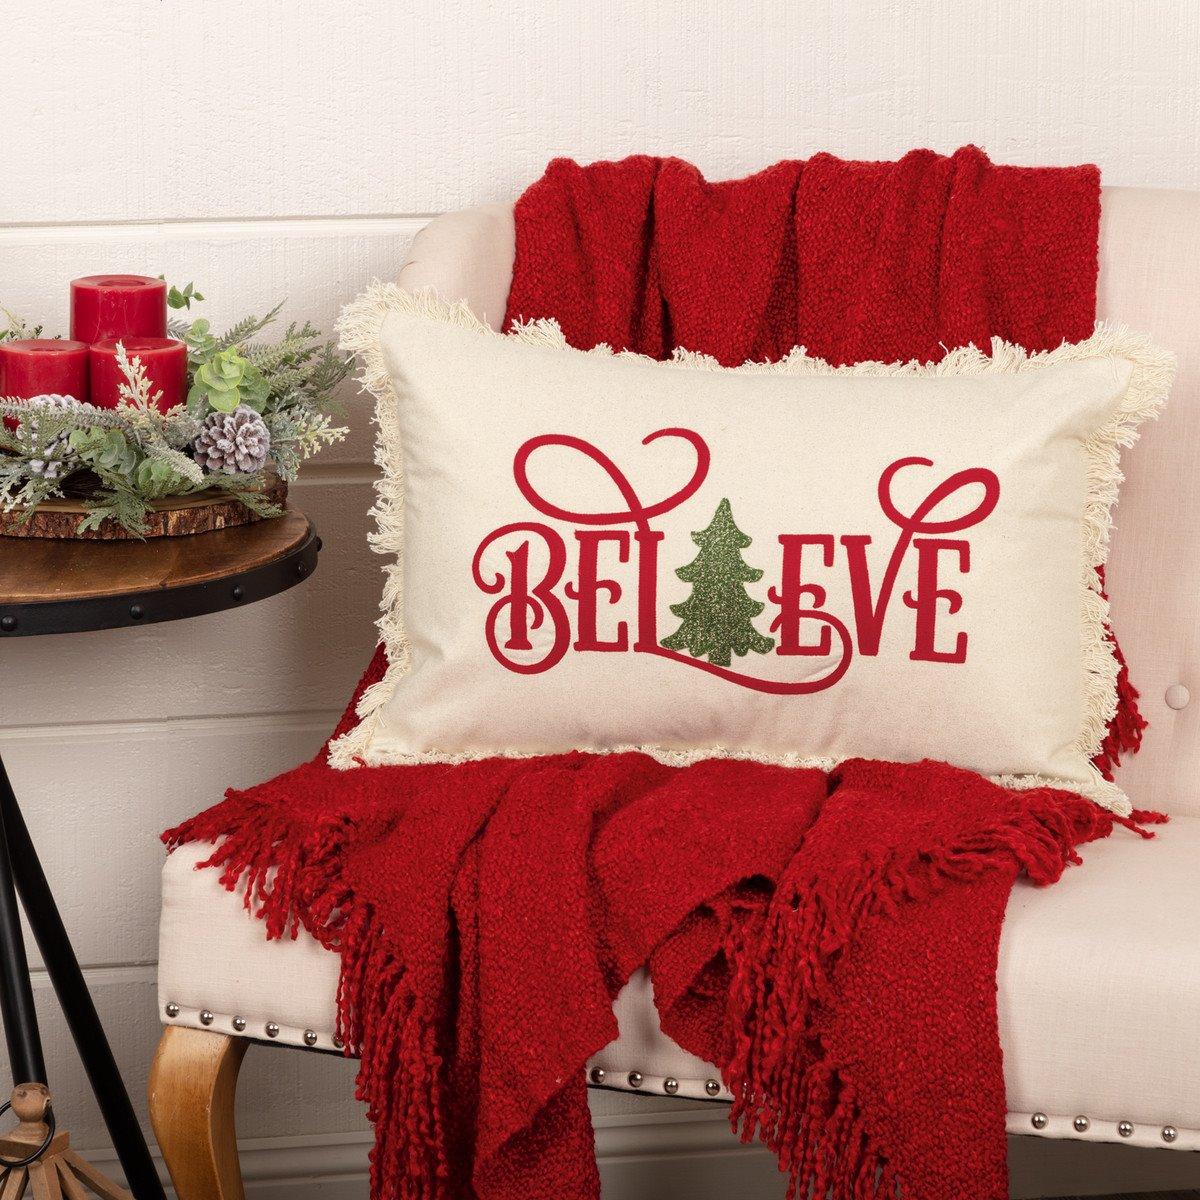 Believe Pillow 14x22